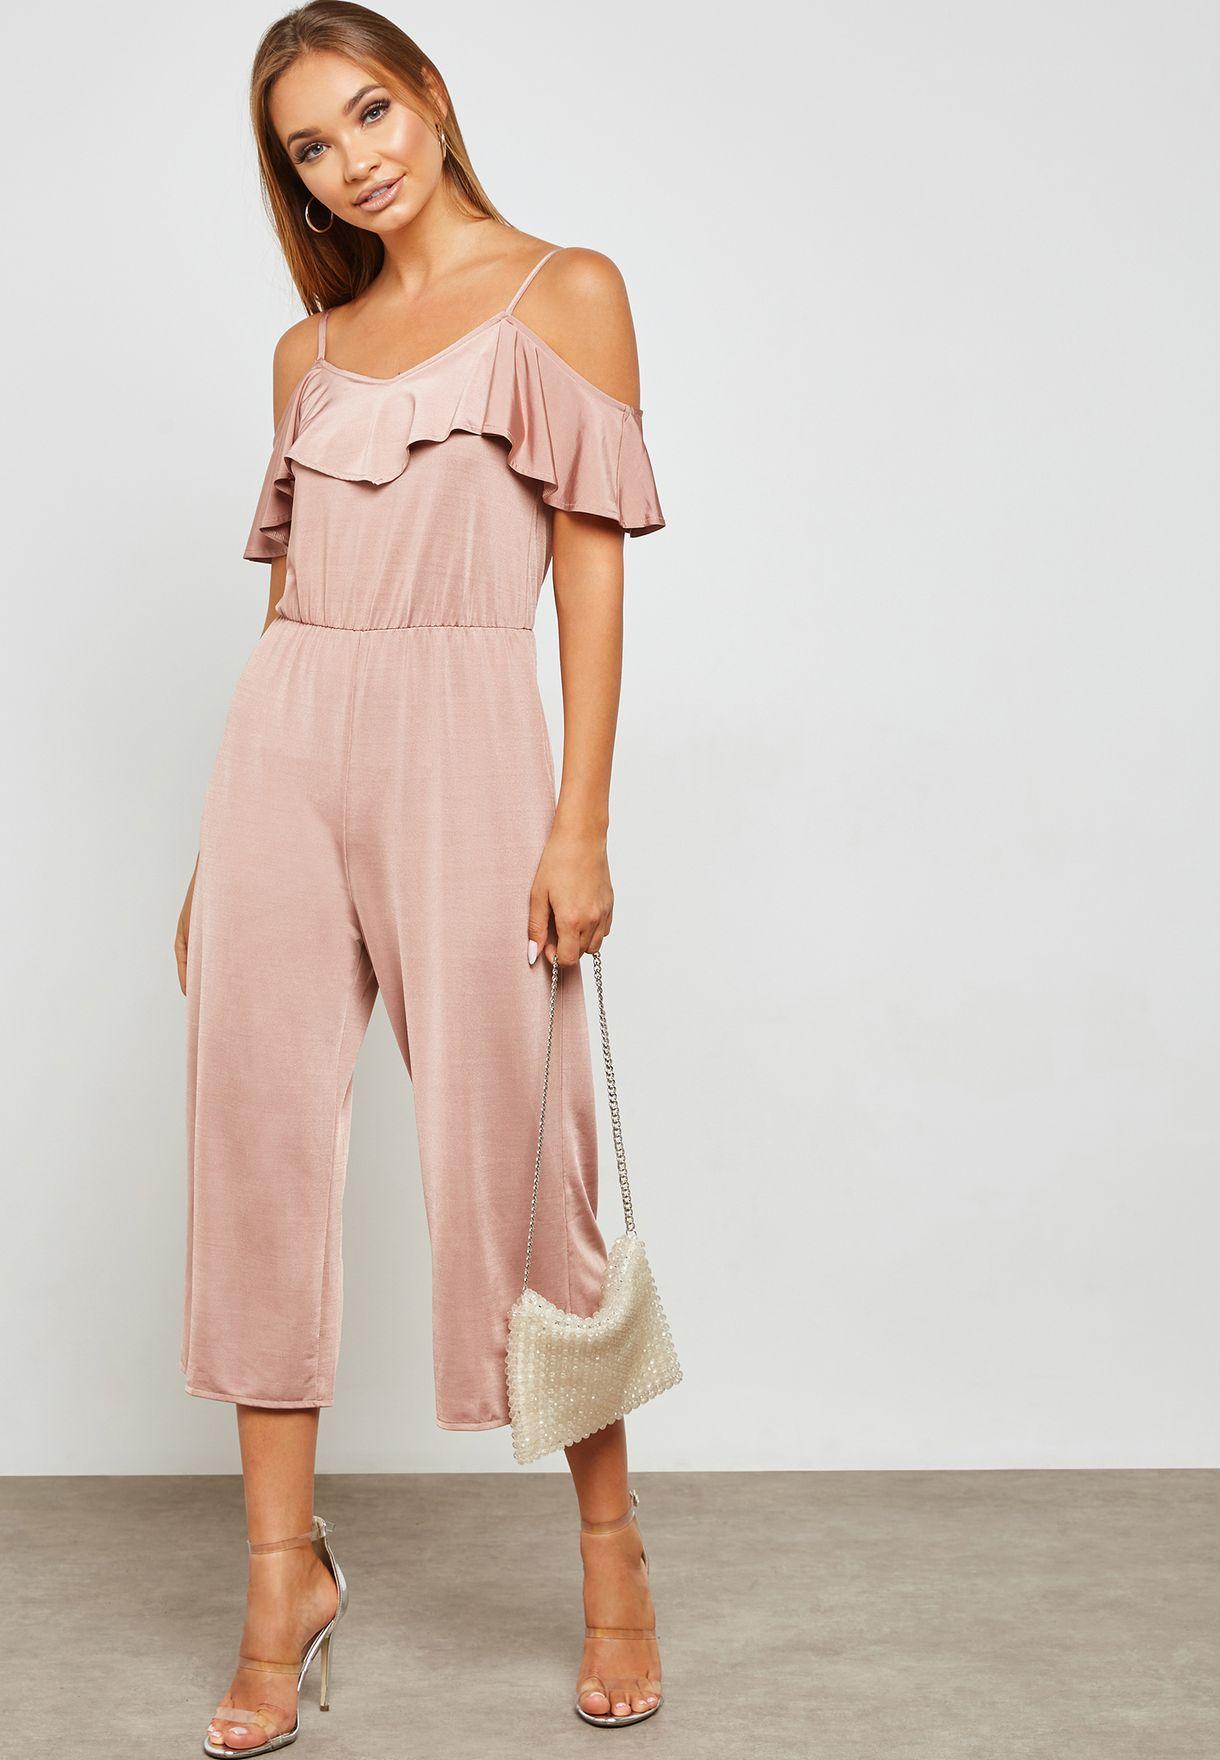 c4f1a90d4c1c Shop Miss Selfridge Petite pink Ruffle Detail Cropped Jumpsuit ...